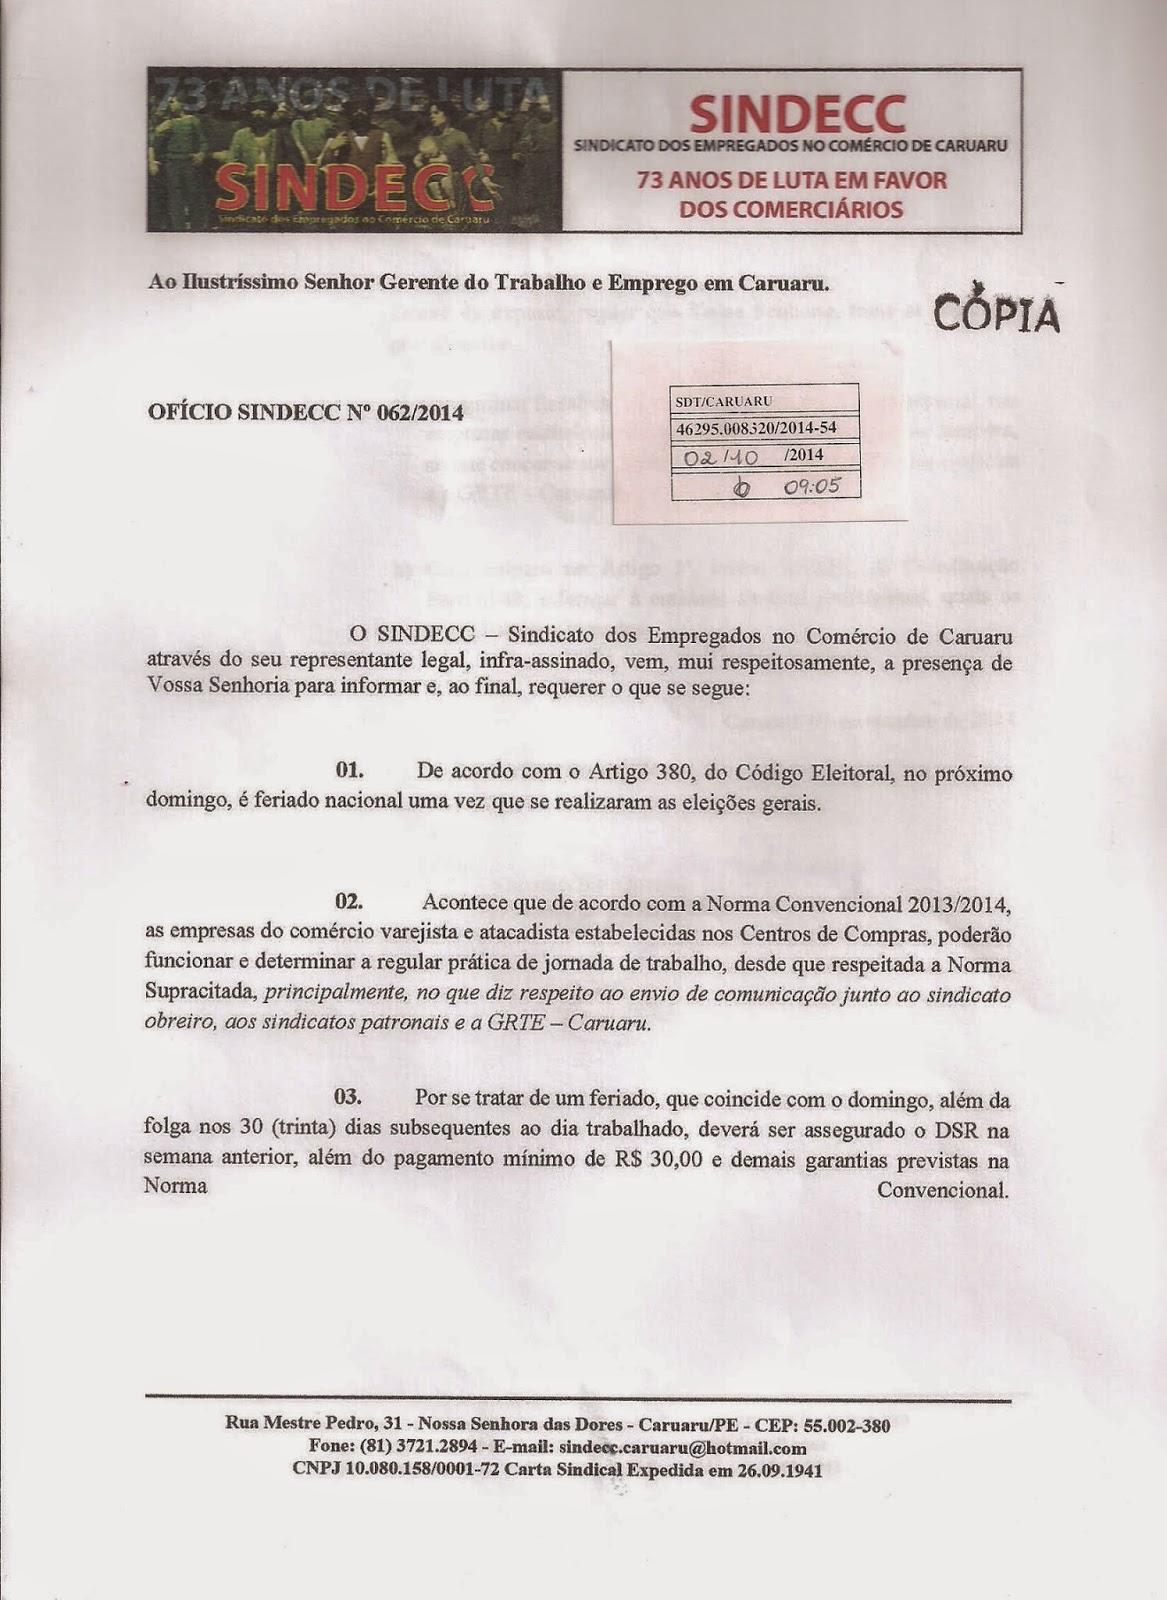 SINDECC REQUER FISCALIZAÇÃO PARA O DIA 05 DE OUTUBRO, DIA DA ELEIÇÃO.